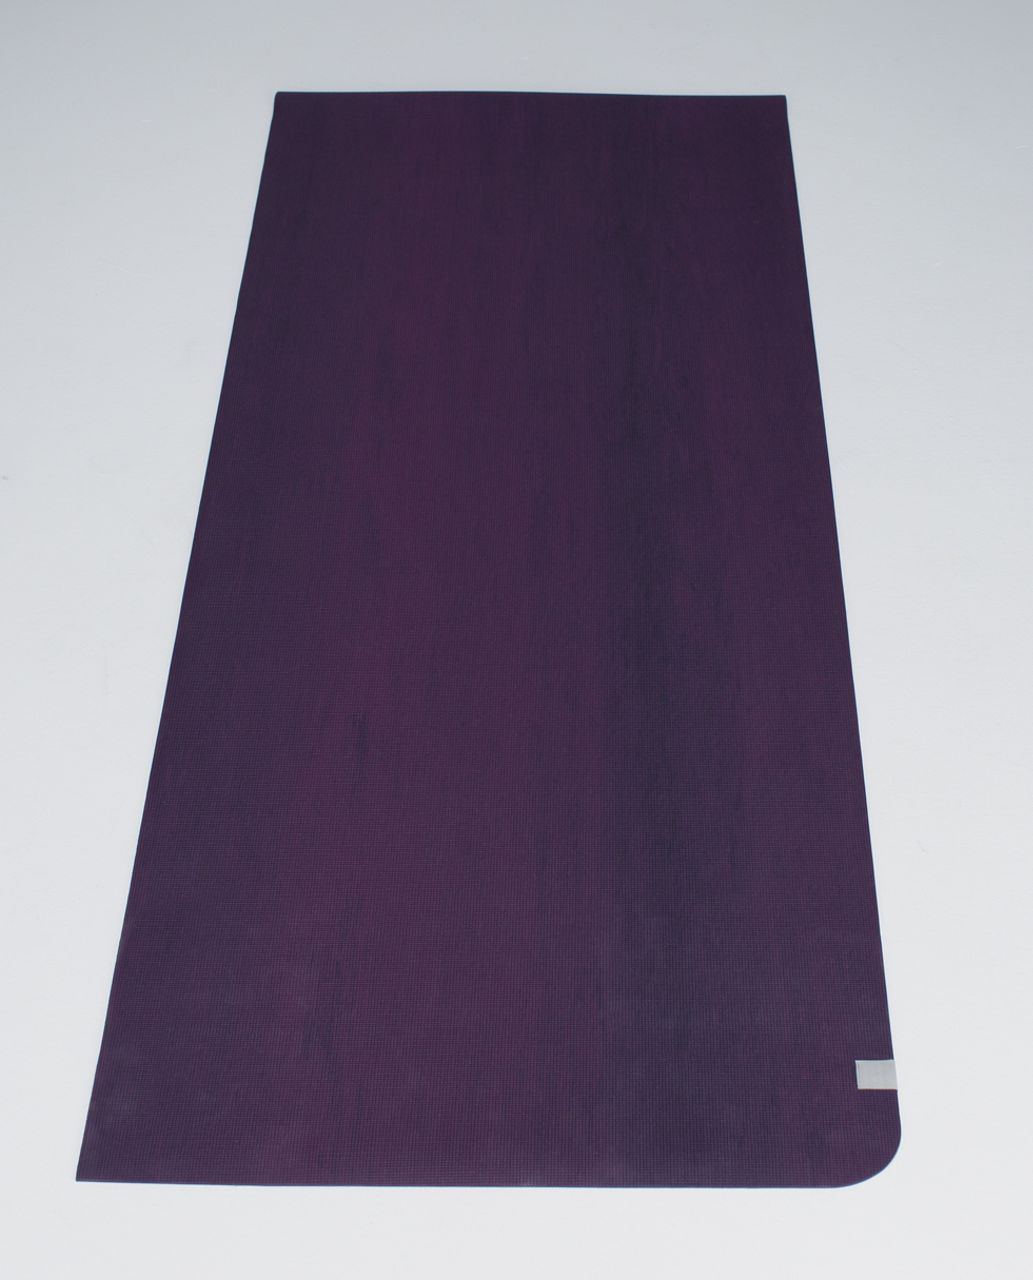 Lululemon The Pure Mat 3mm - Berry Yum Yum / Black Grape